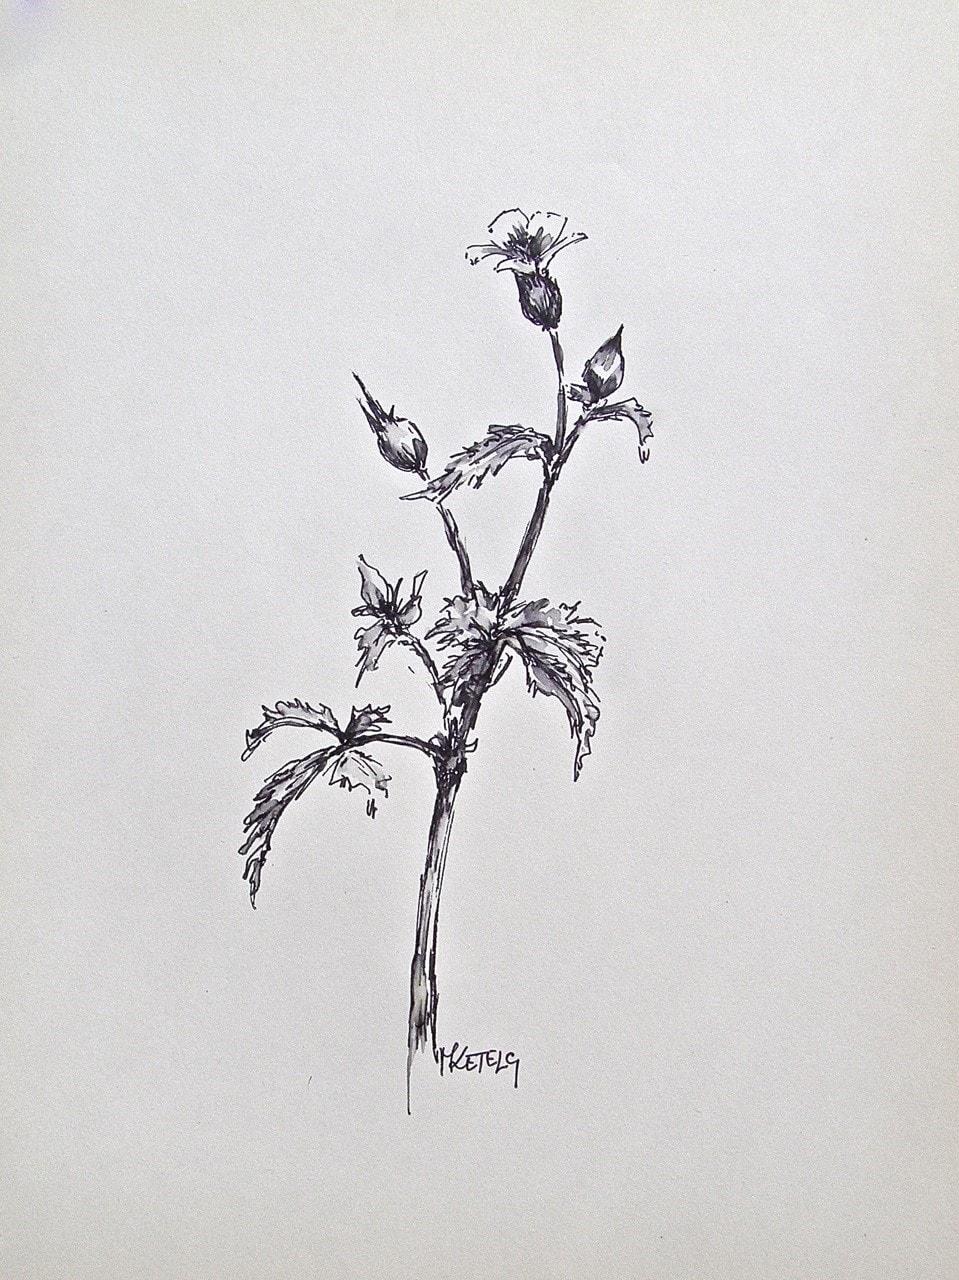 Little-robin sketch